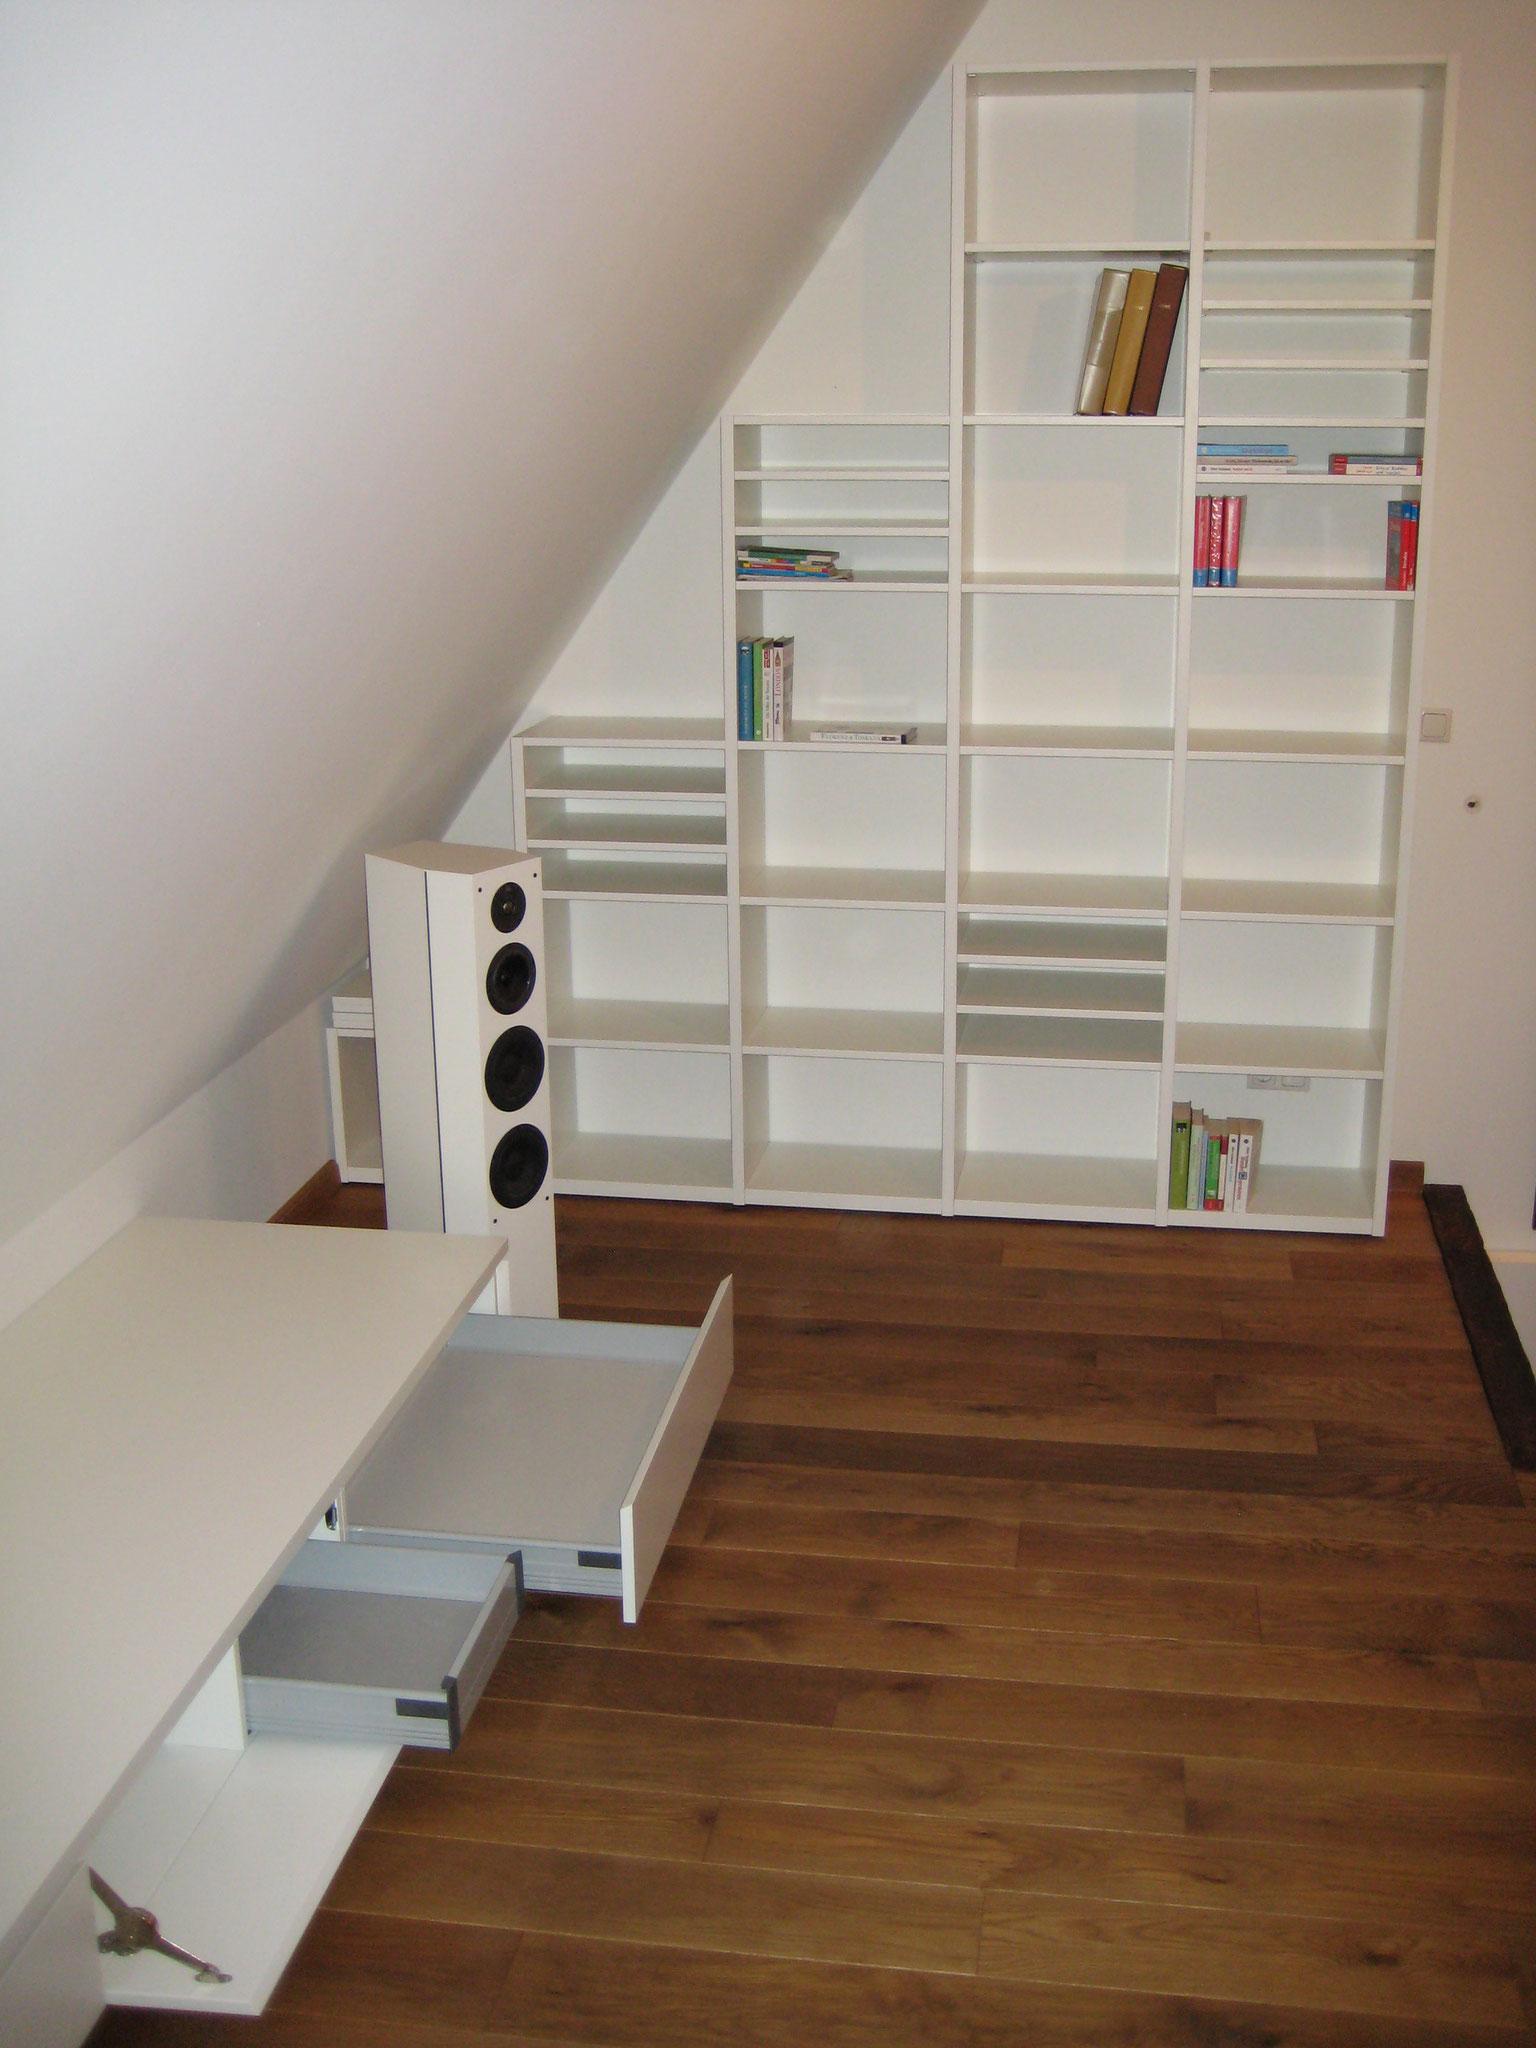 Möbel Wanninger Prospekt Mbel Rheda Wiedenbrck Home C Carina